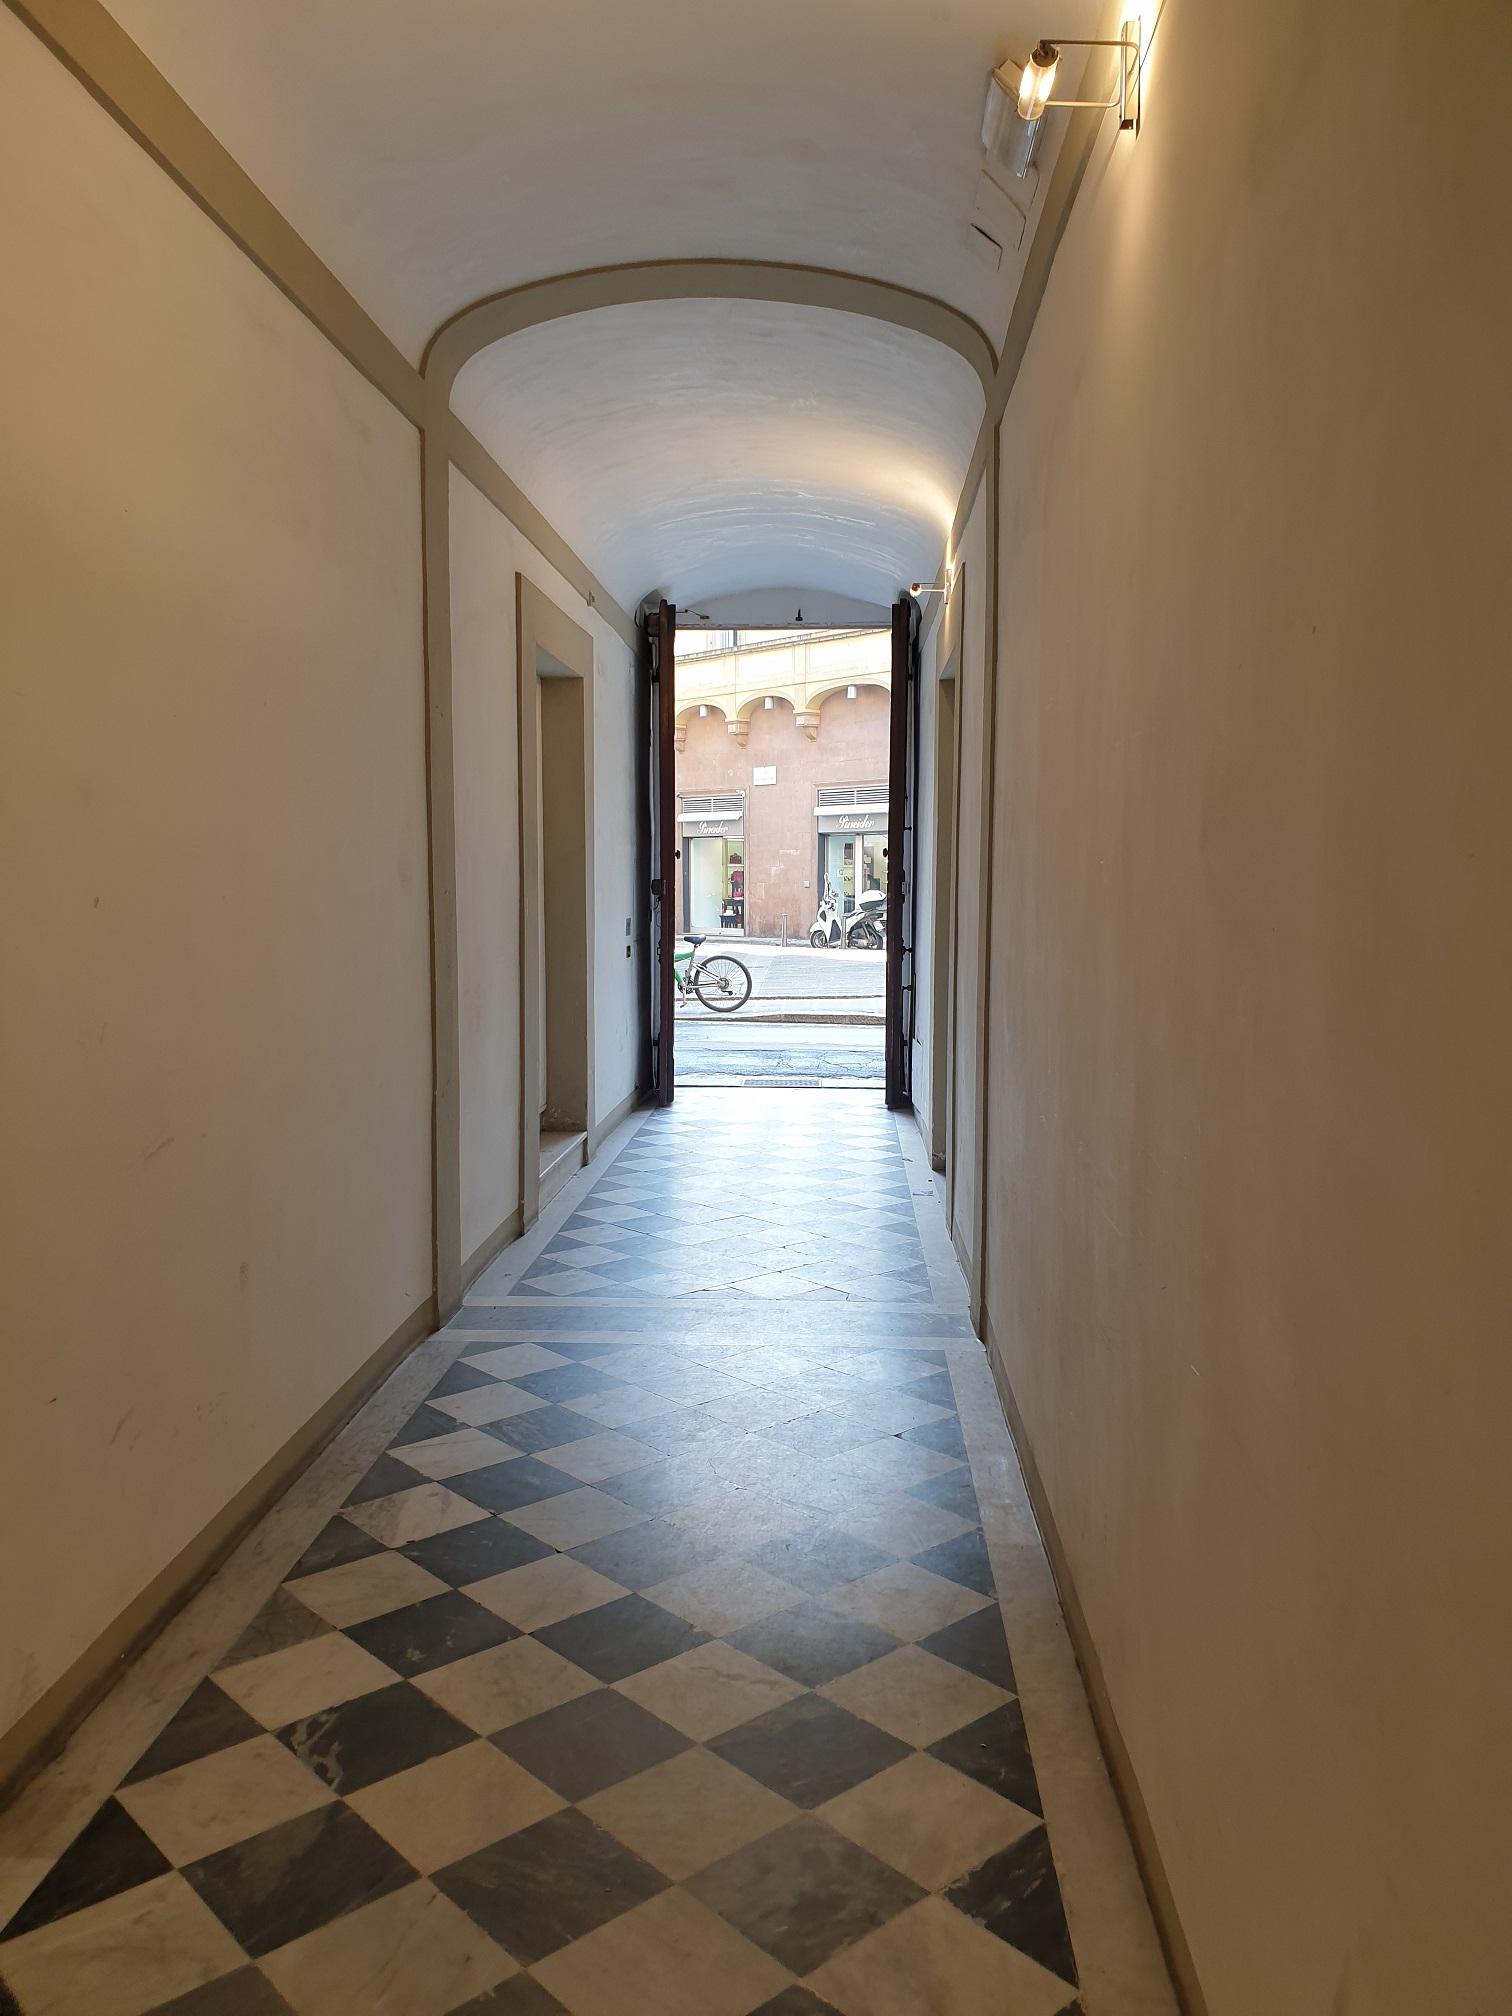 Affitto delizioso bilocale con terrazza panoramica, Via della Vigna, Firenze